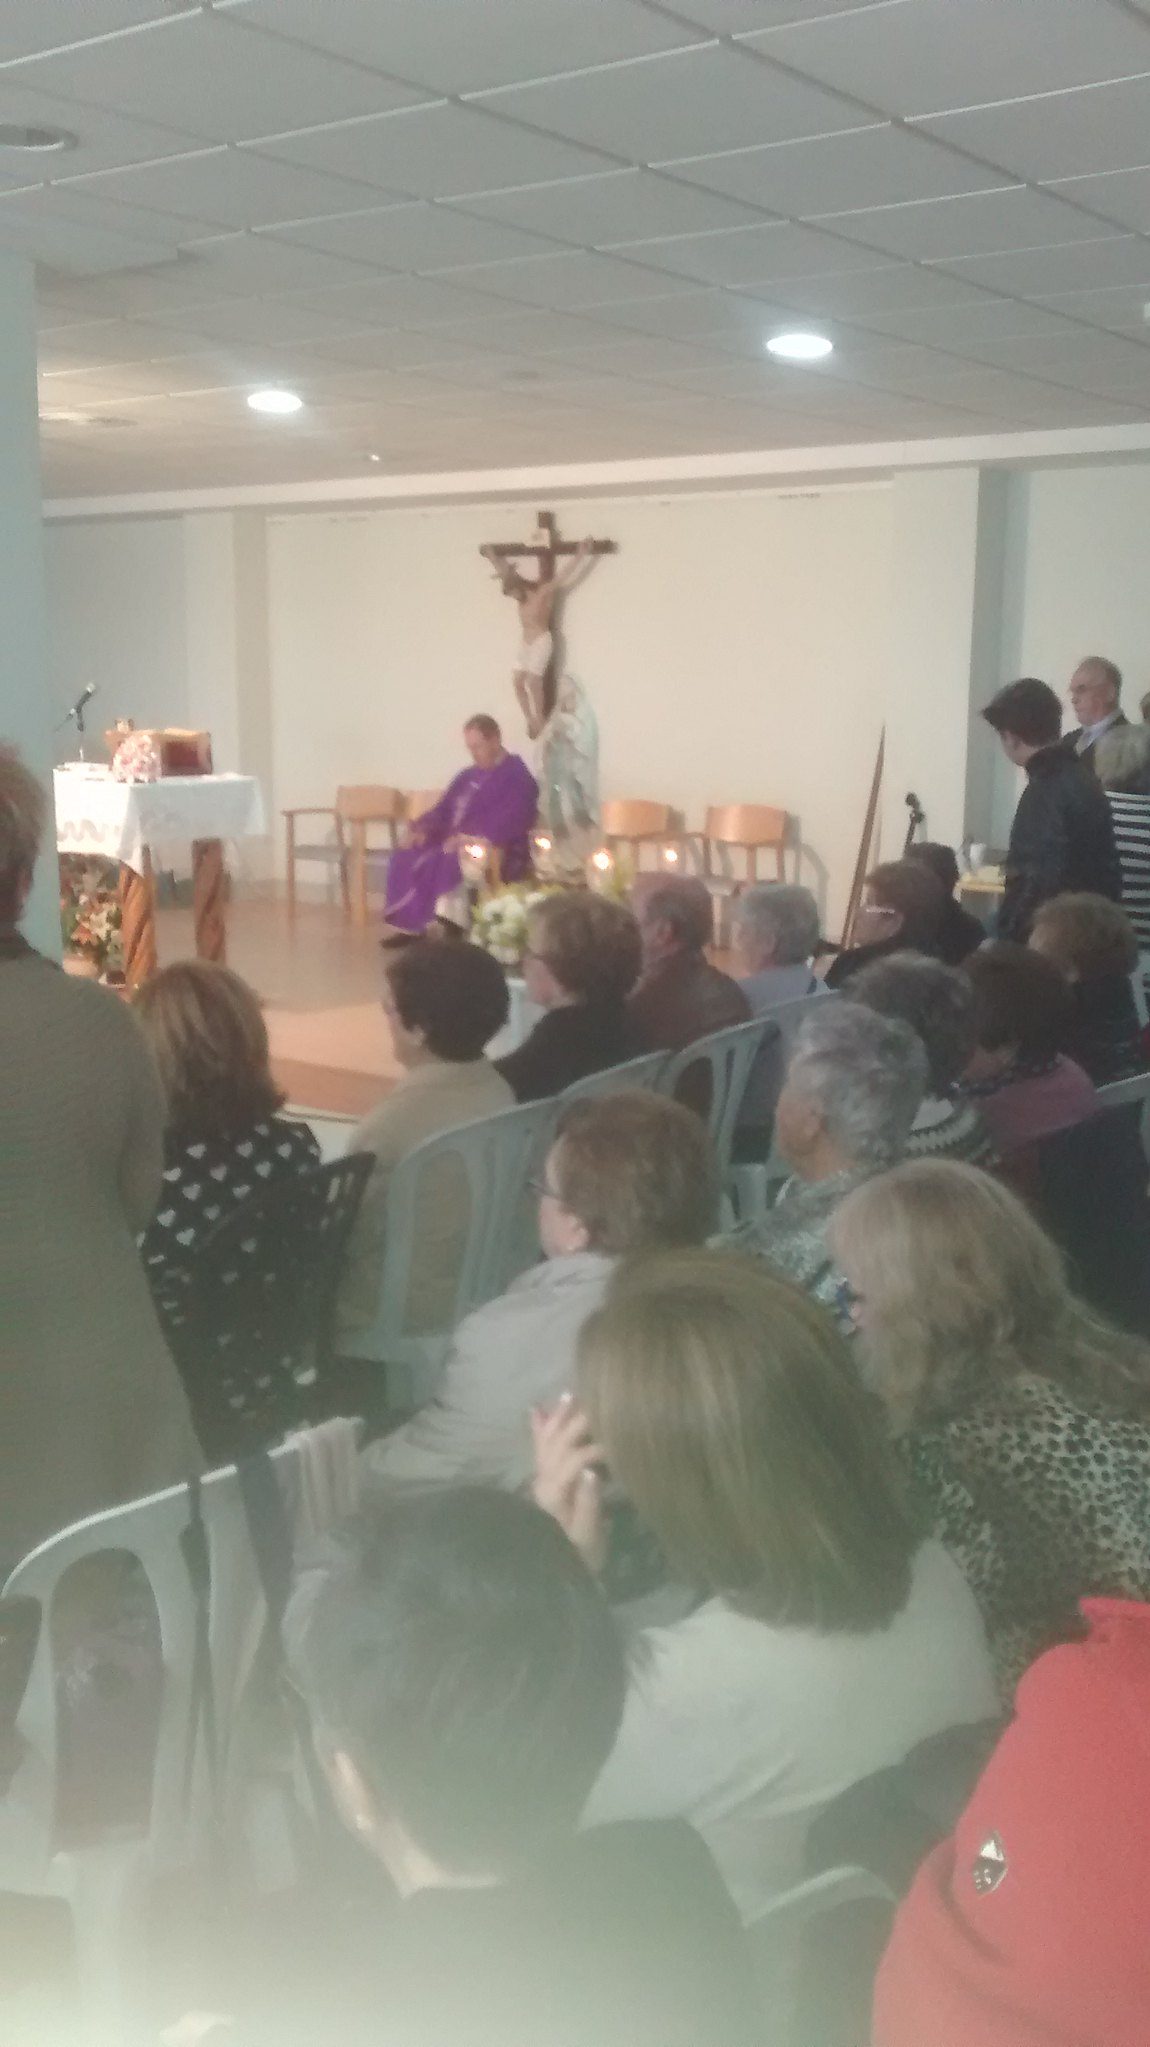 (2016-02-13) - Inauguración Virgen de Lourdes, La Molineta - José Vicente Romero (24)